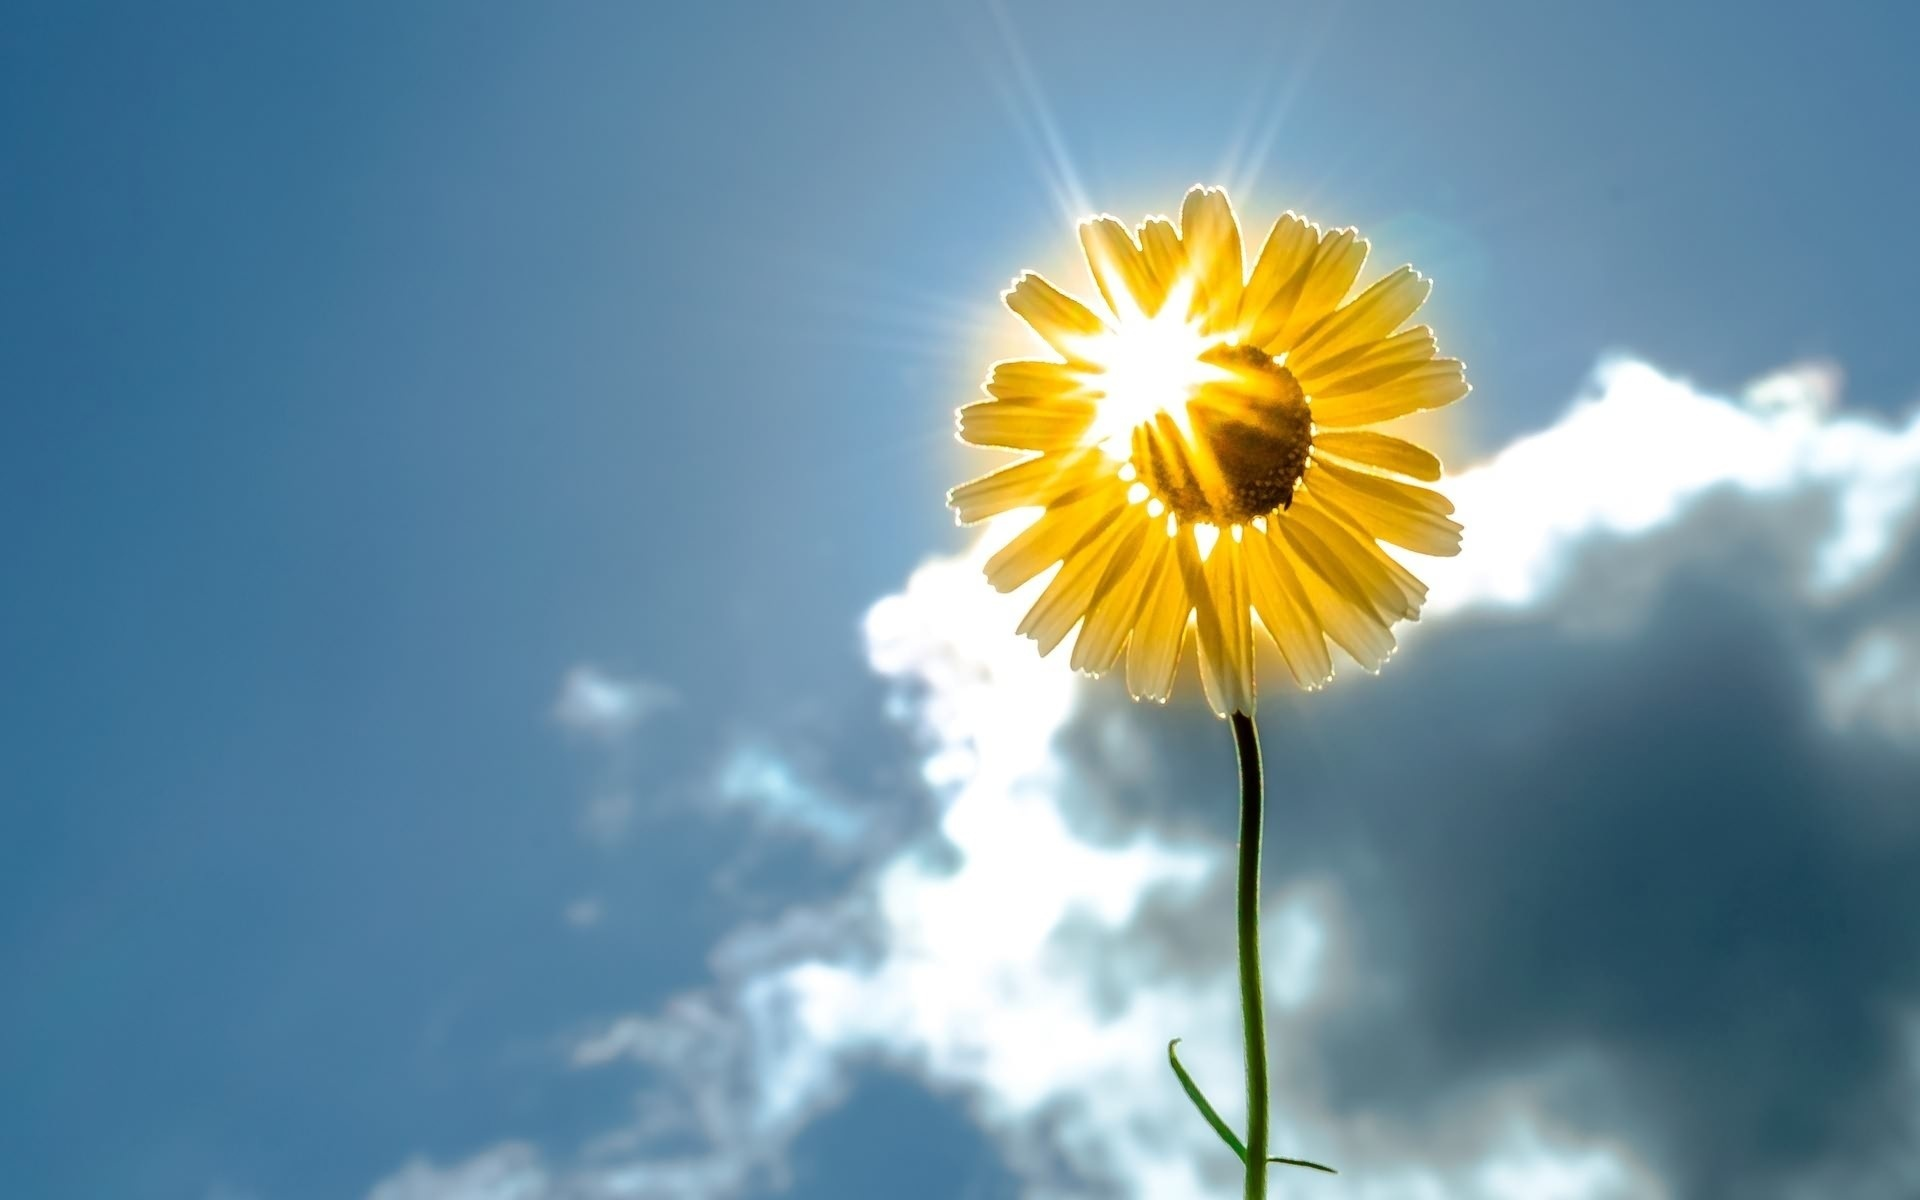 Открытка солнце и цветы, открытка